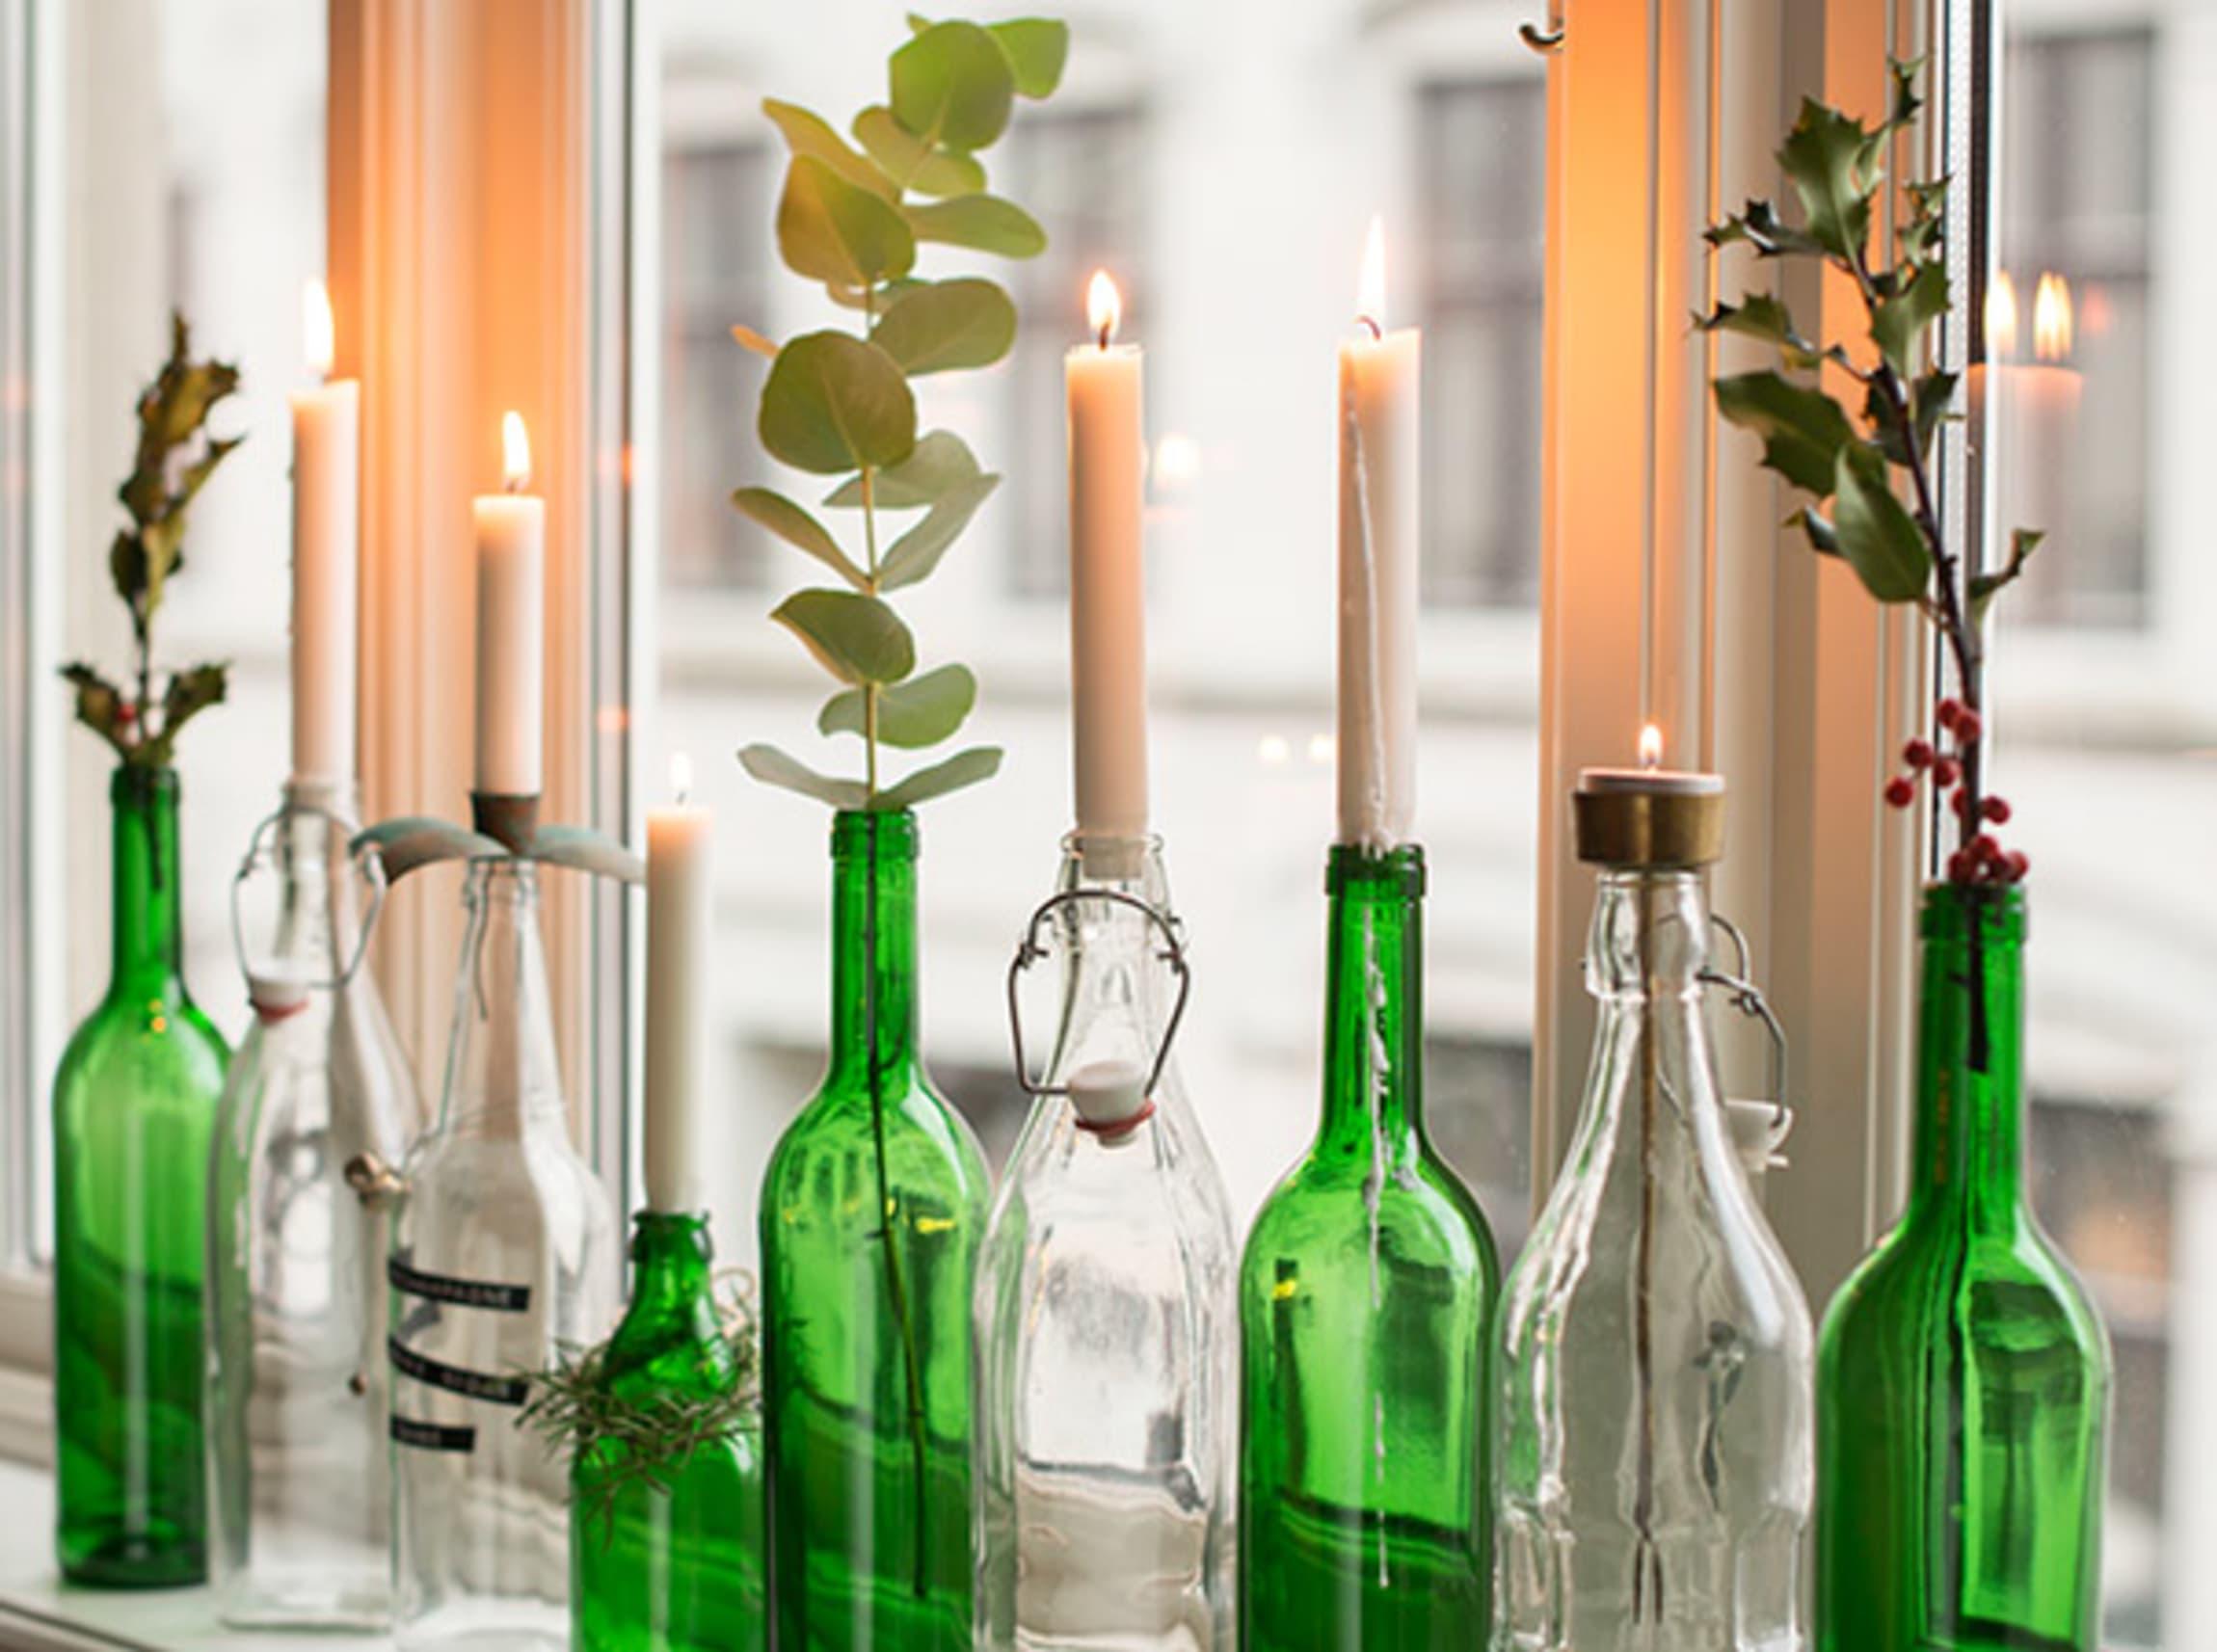 Flasker kan enkelt gjenbrukes som pynt